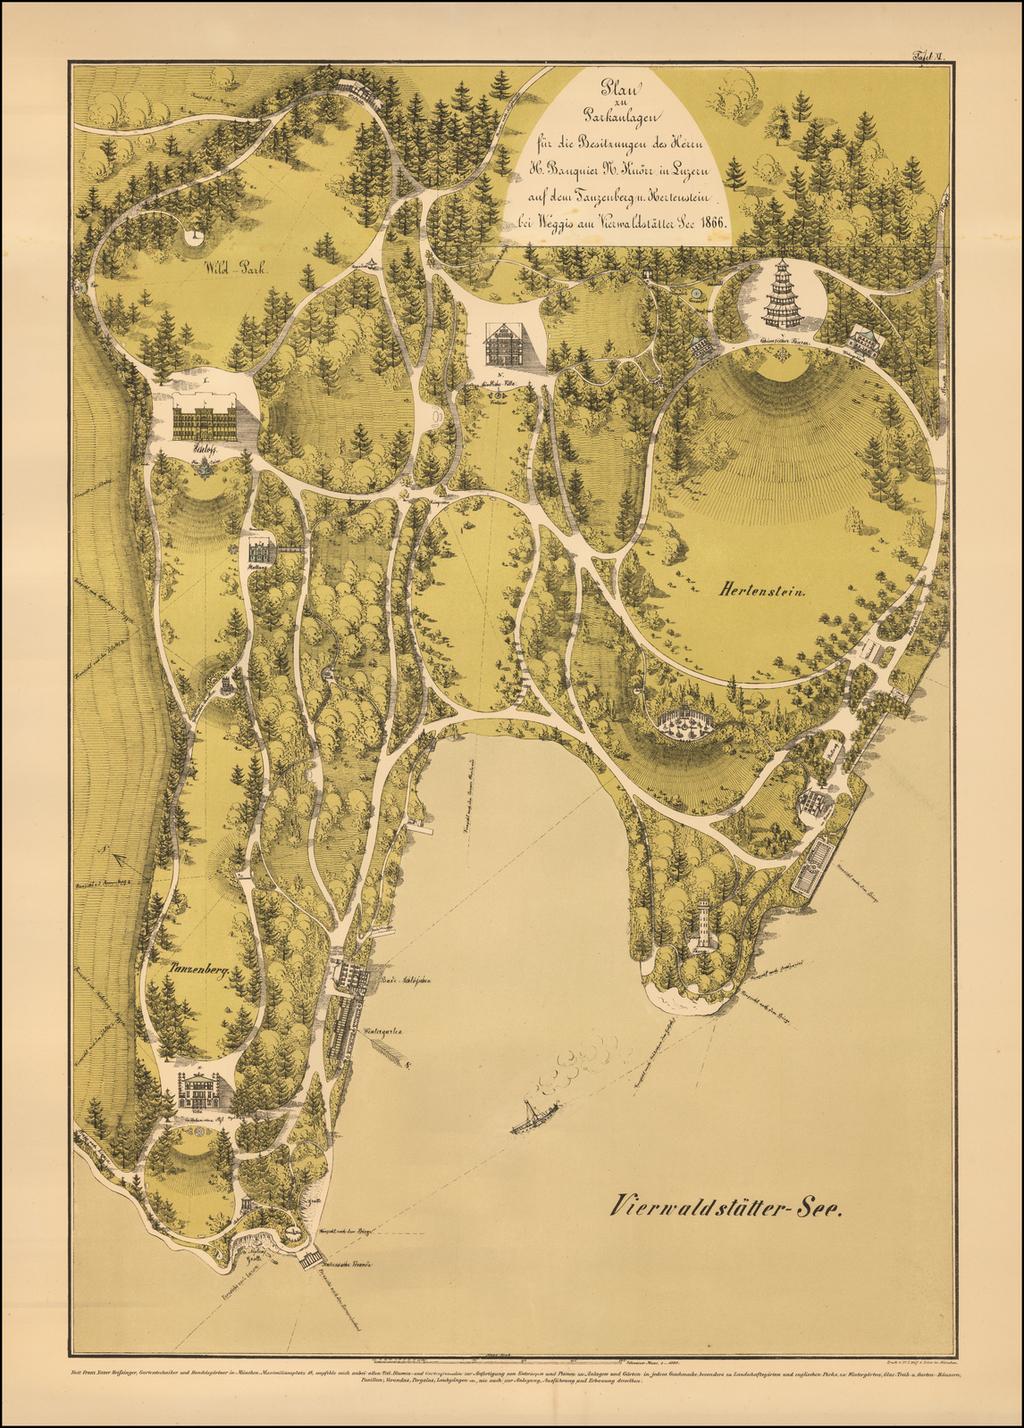 (Lake Lucerne)  Plan zu Parklangen fur die Besitzungen des Herrn H. Banquier N. Knorr in Luzern auf dem Tauzenberg u. Hertenstein bei Weggis am Vierwaldstaller See.  1866. By Franz Xaver Heissinger